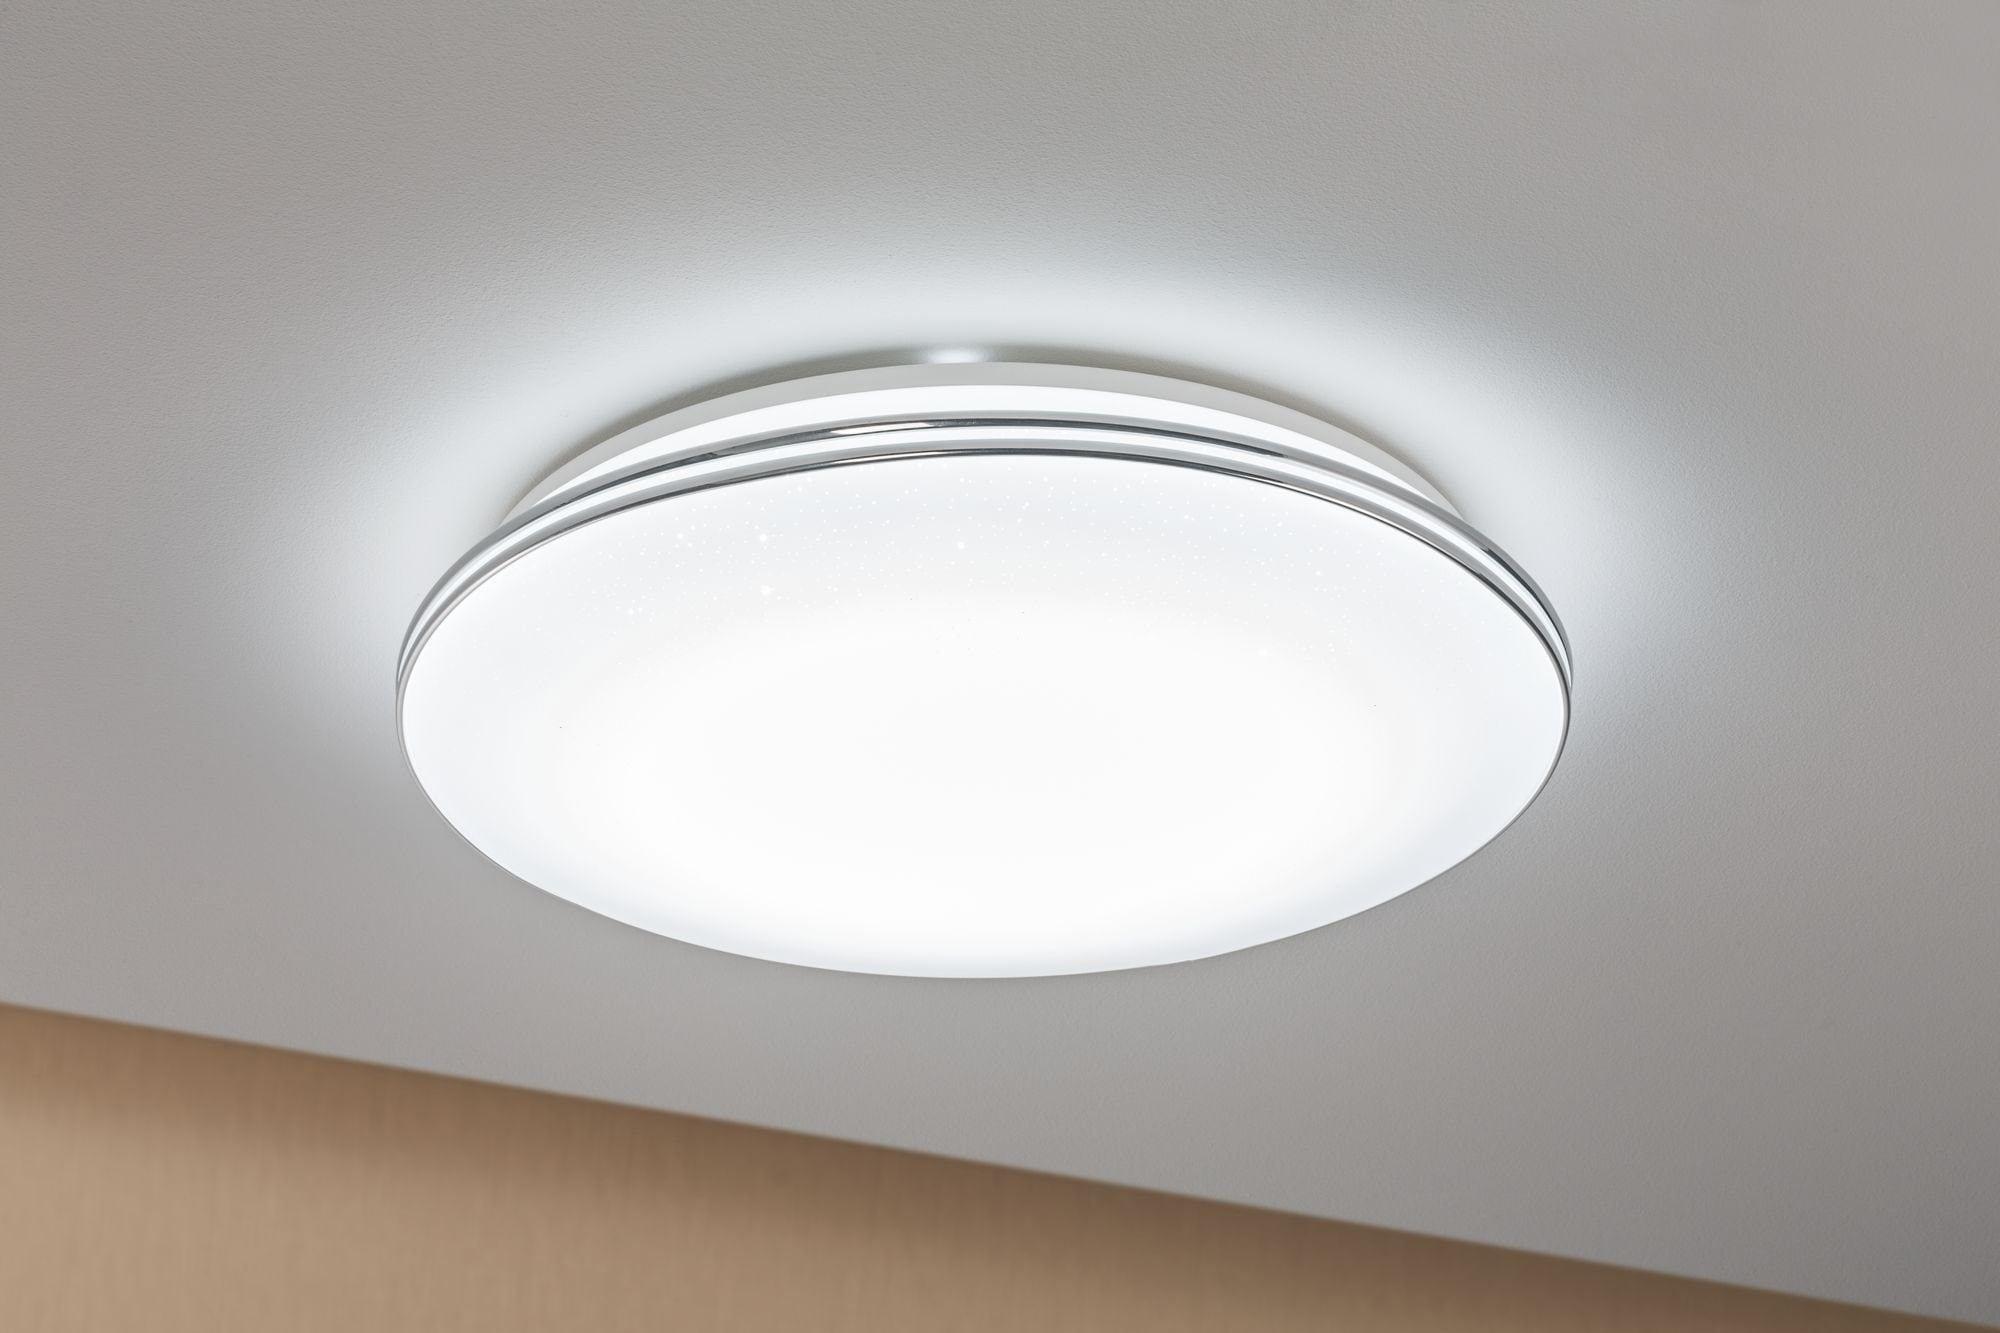 Paulmann,LED Deckenleuchte Sternenhimmel Costella rund 22W Weiß Sternenhimmel